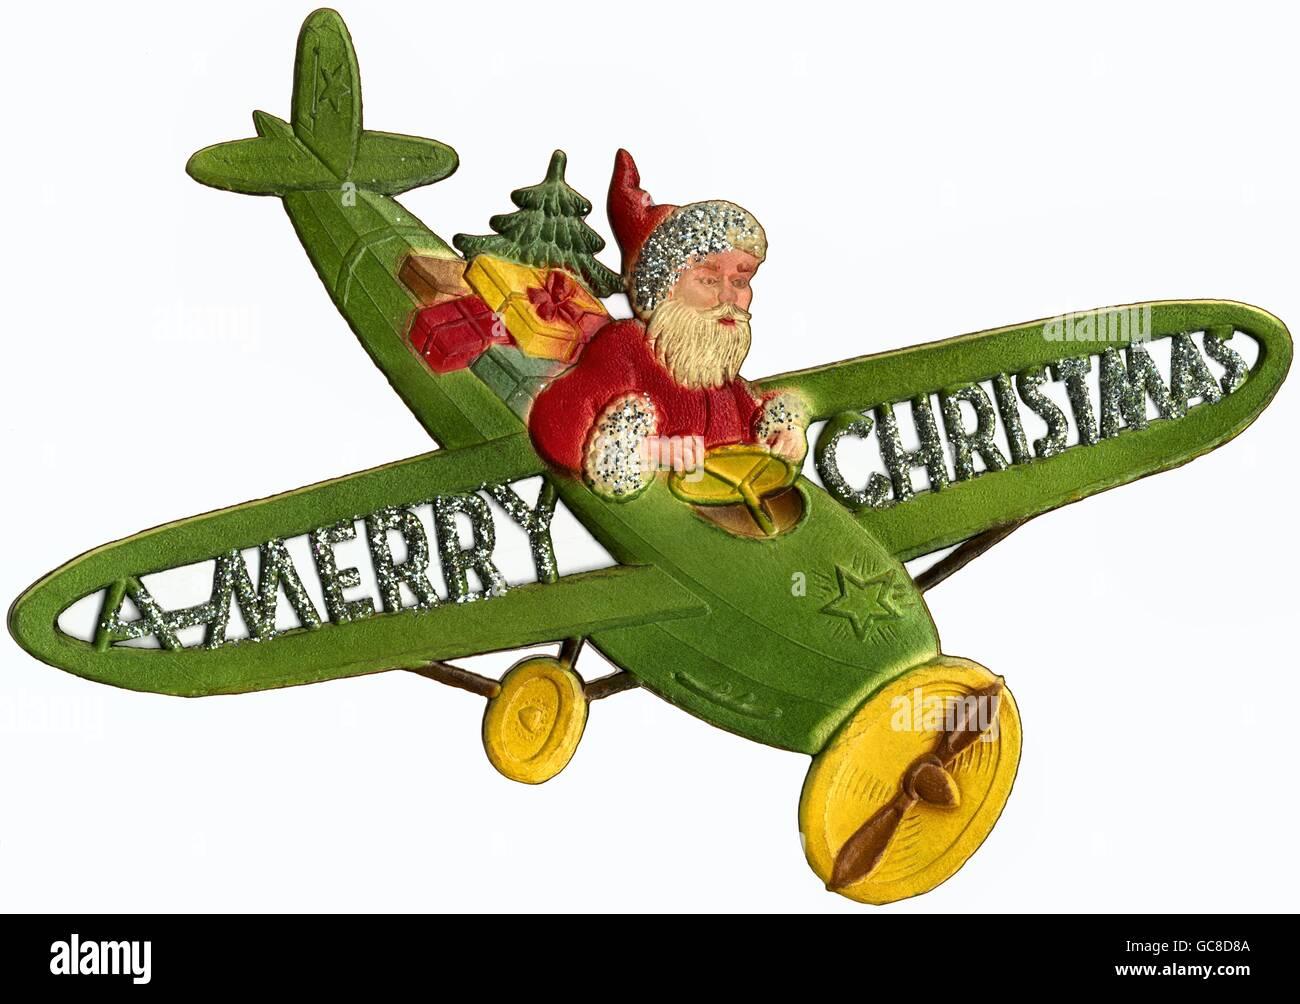 Frohe Weihnachten Flugzeug.Weihnachten Weihnachtsmann Als Pilot Im Flugzeug Frohe